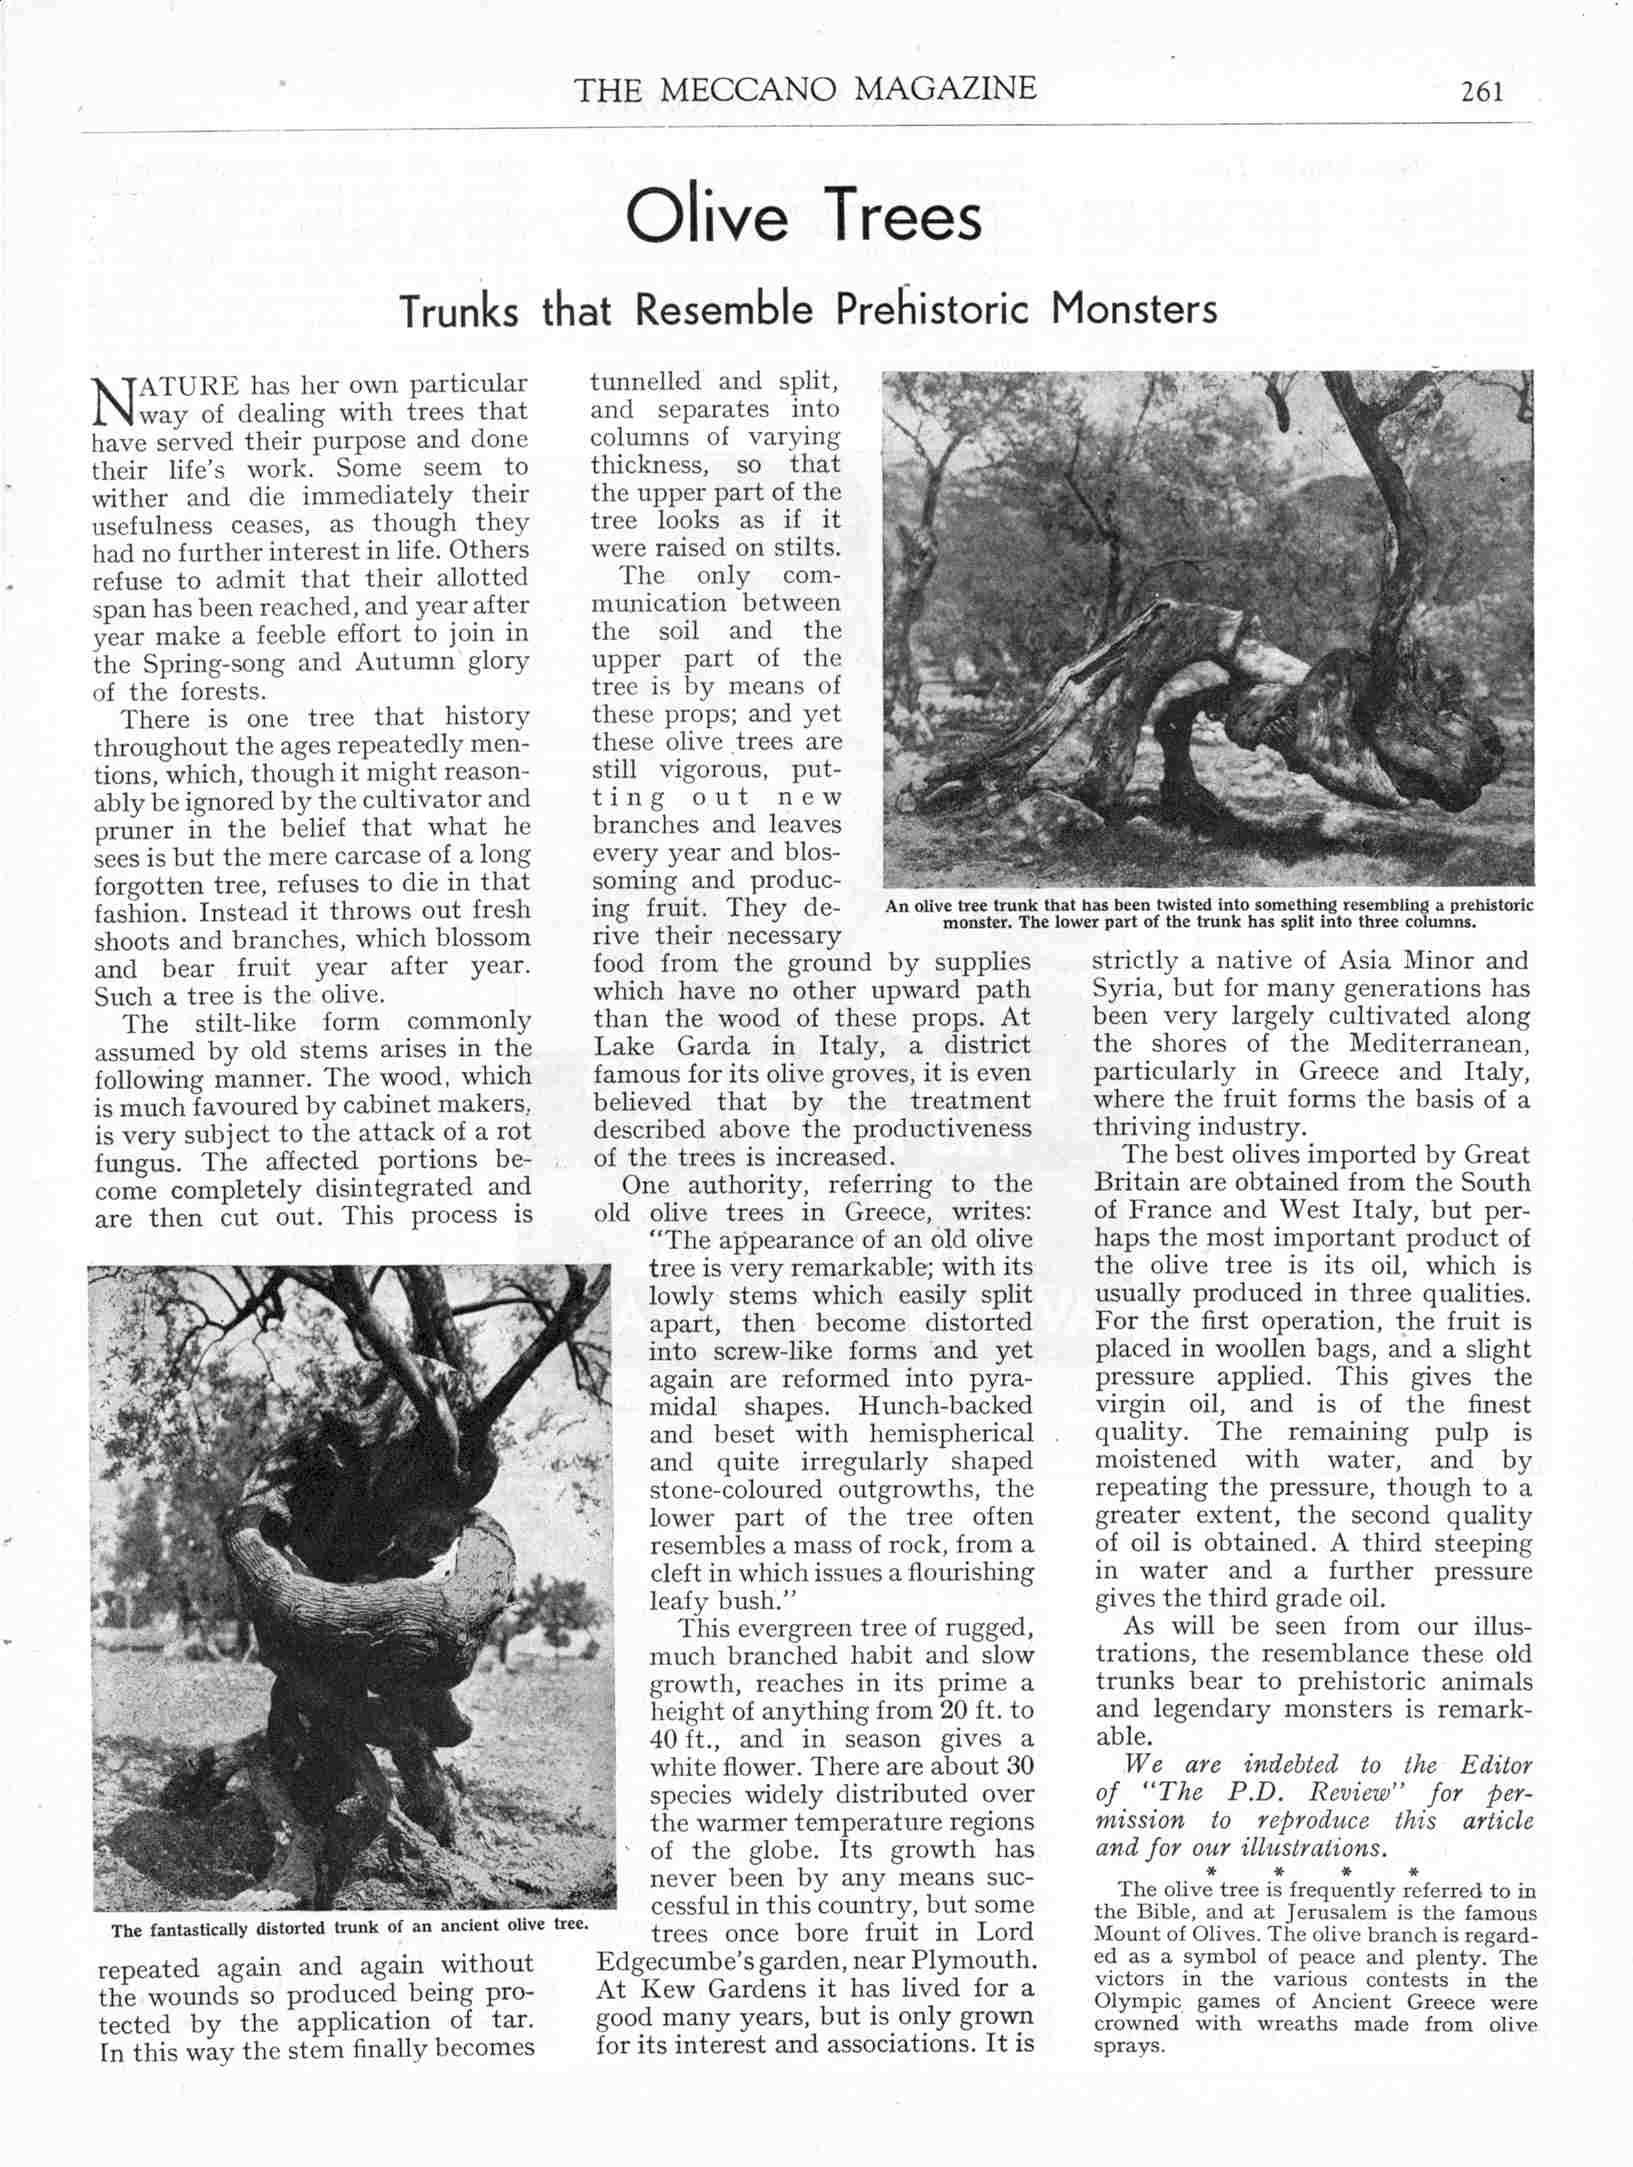 UK Meccano Magazine May 1940 Page 261